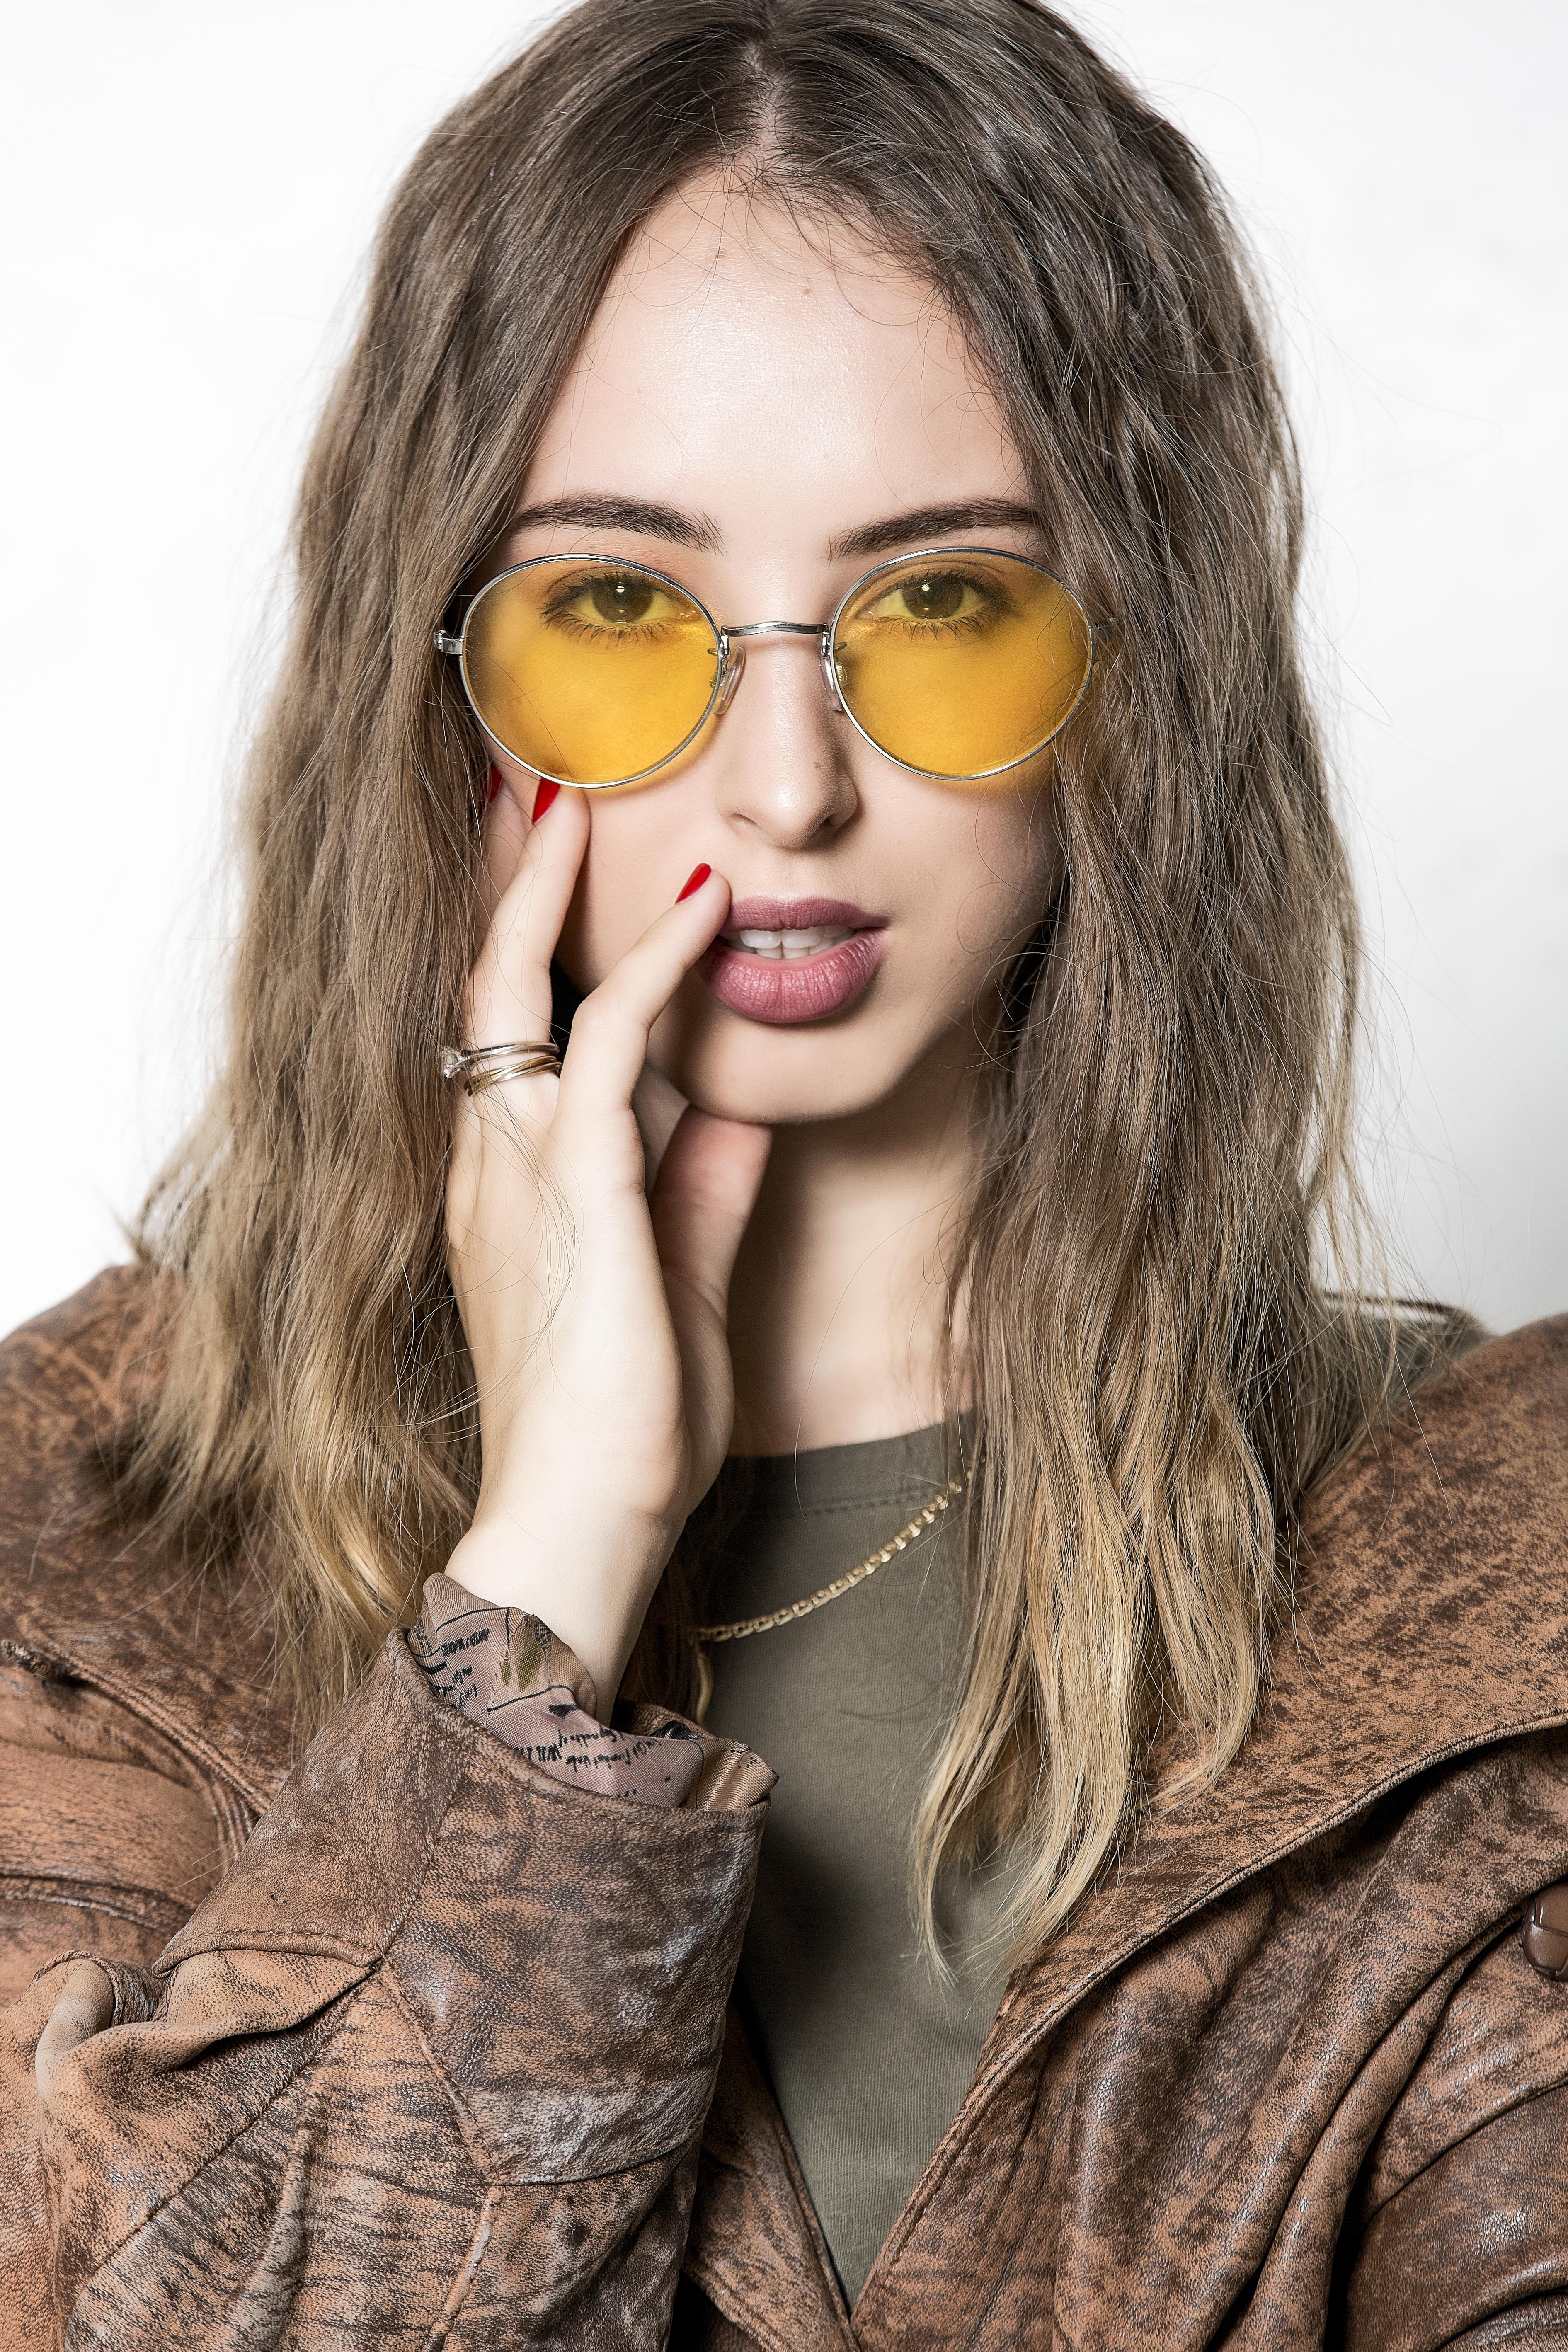 708b5f3ead76 https   paris-shanghai-fashion.com 2018 08 16 glossier-glossier ...